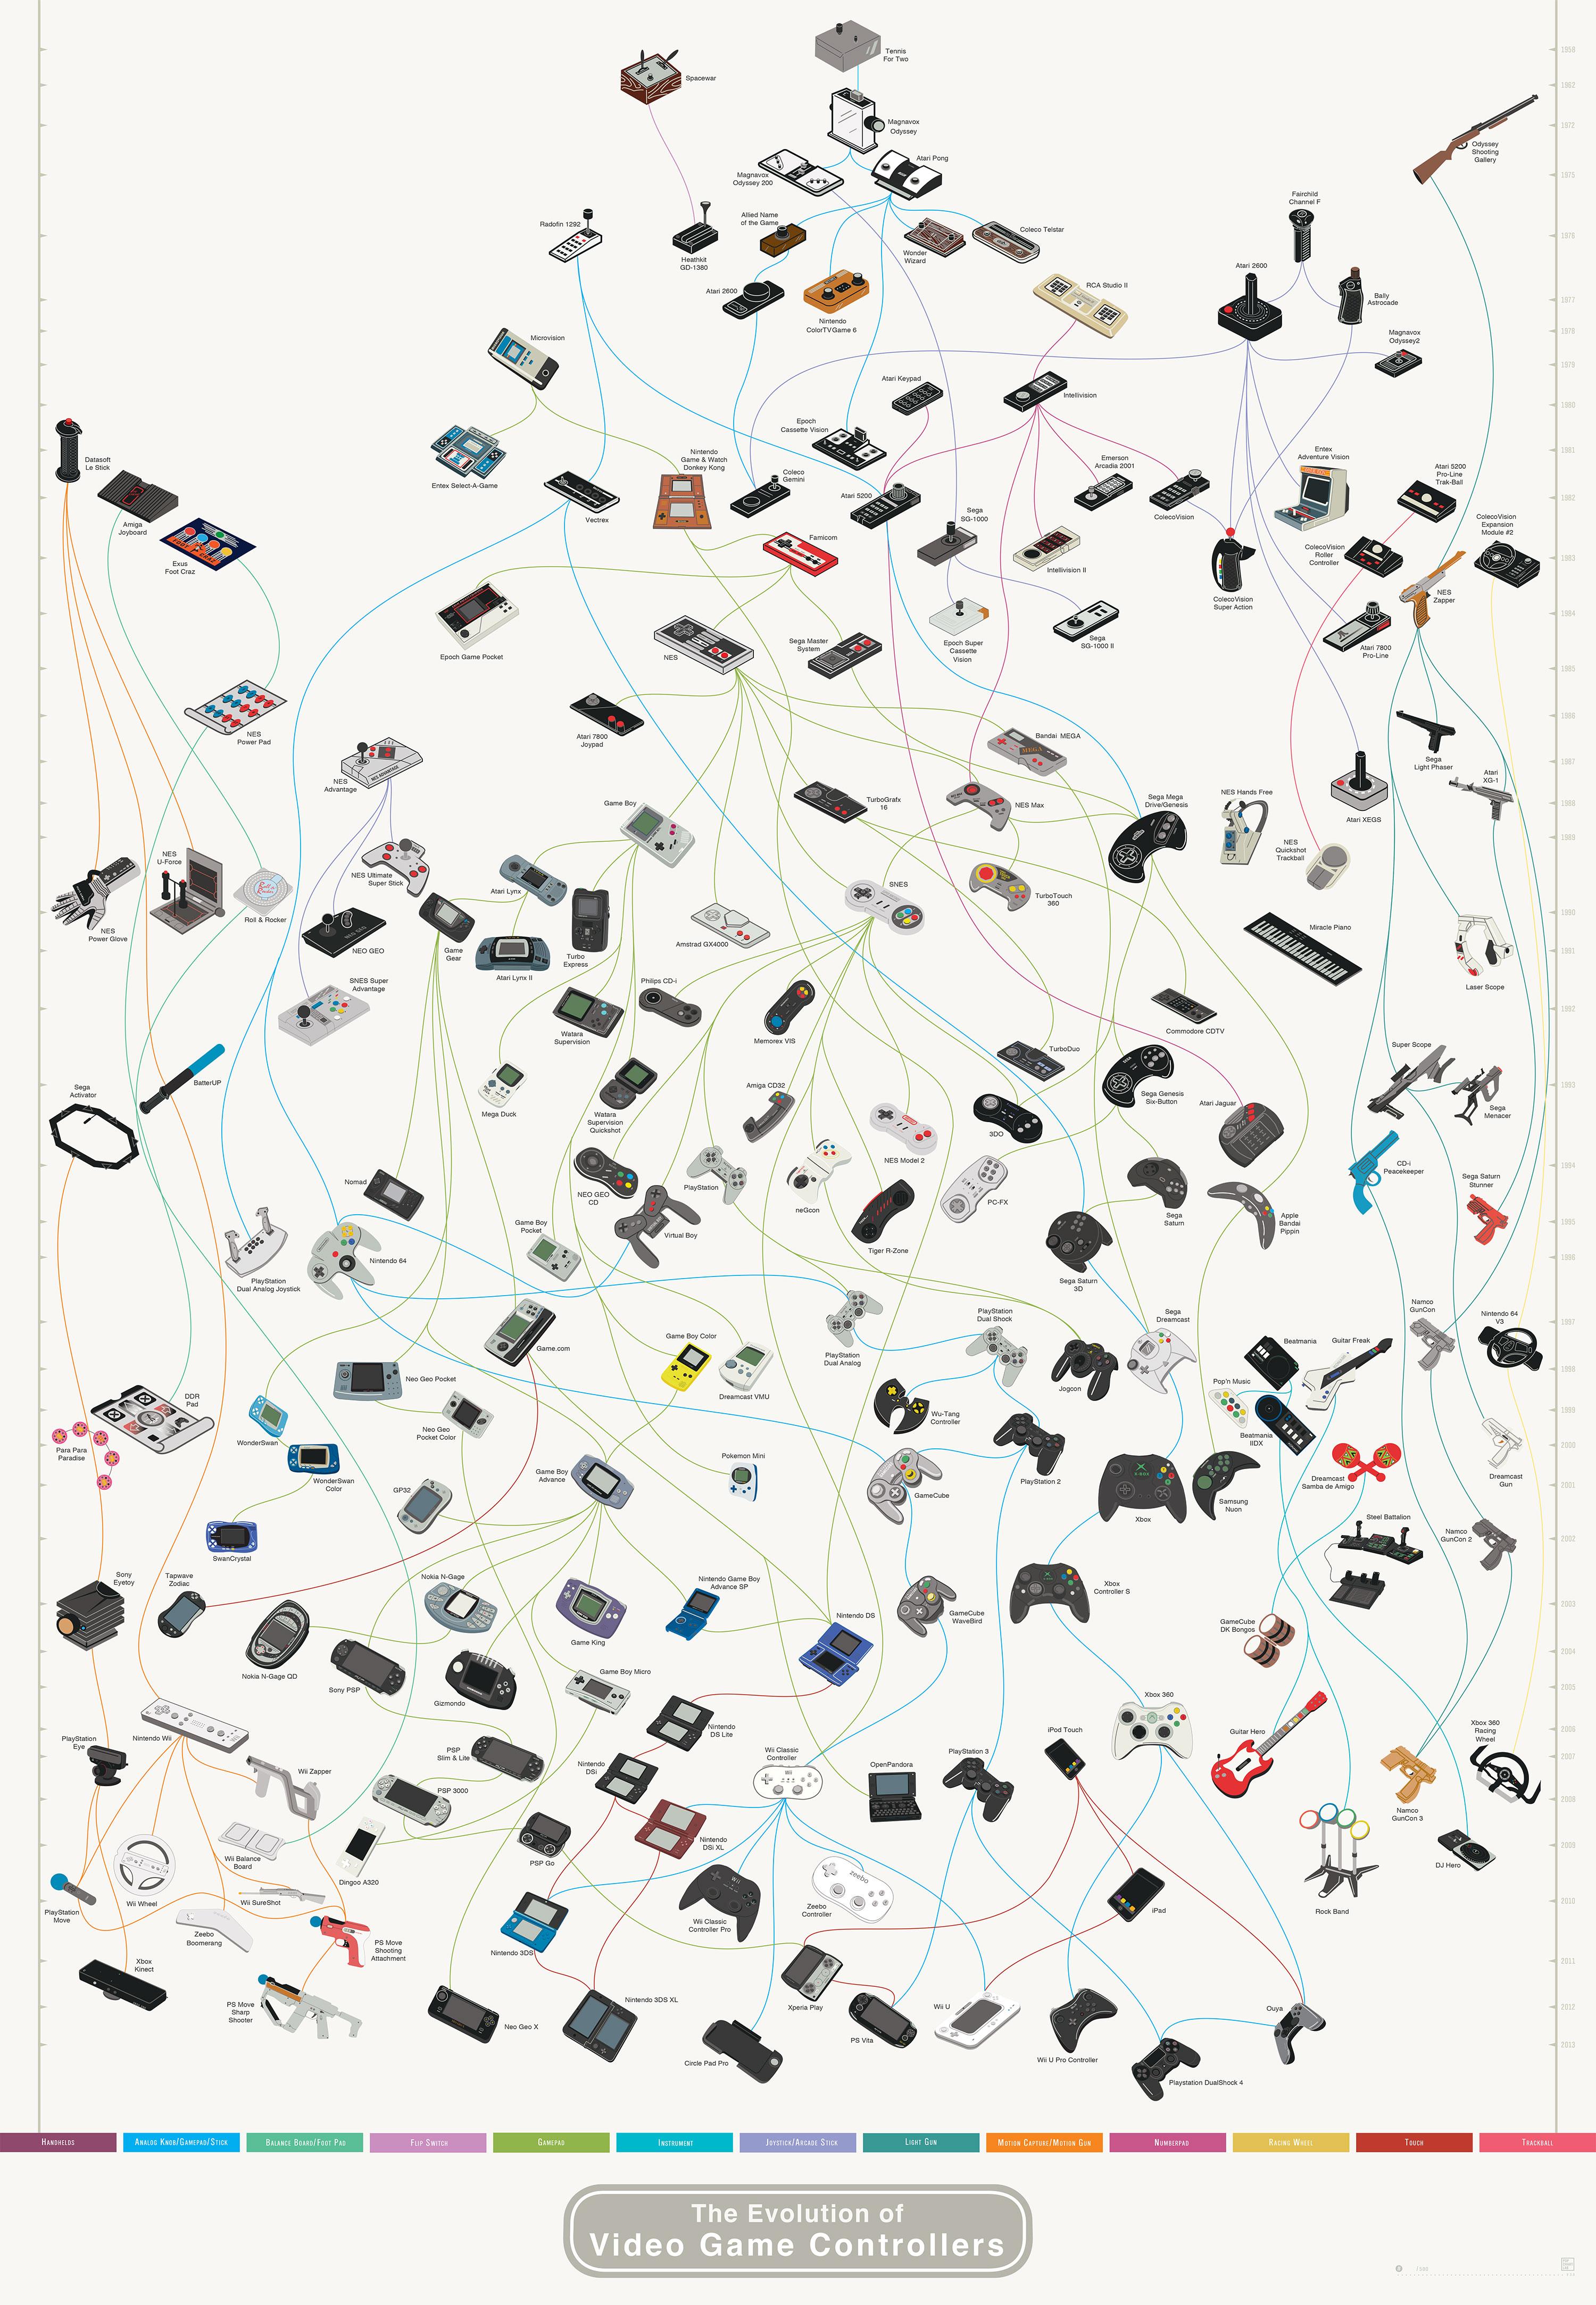 インフォグラフィック:ゲームコントローラーの進化と歴史。圧巻の191種類、13タイプに分類